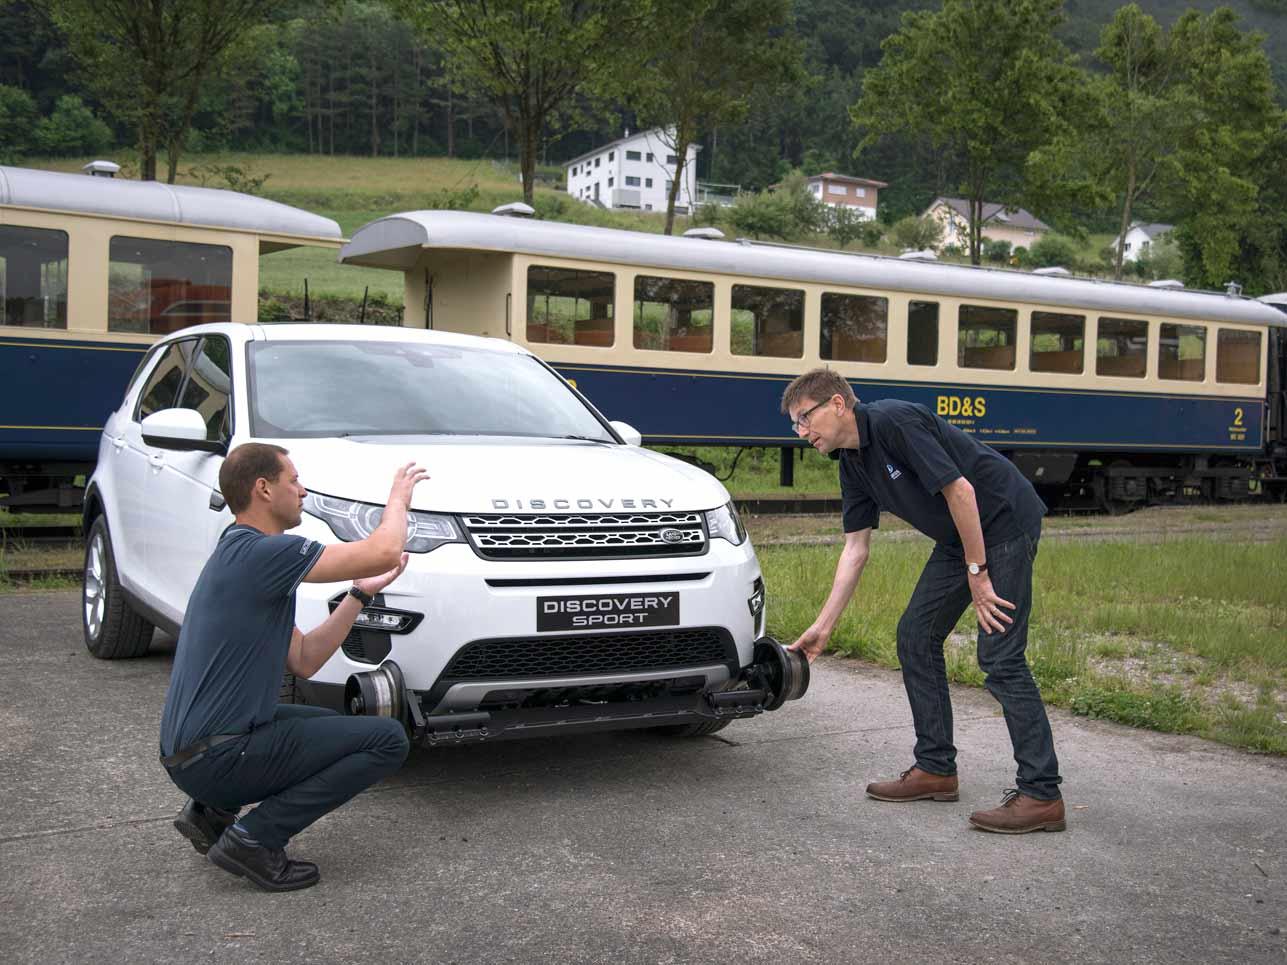 Die Macher: Karl Richards, Lead Engineer Stability Control Systems bei Jaguar Land Rover und James Platt, Managing Director des britischen Umrüstungsspezialisten Aquarius Railroad Technologies.